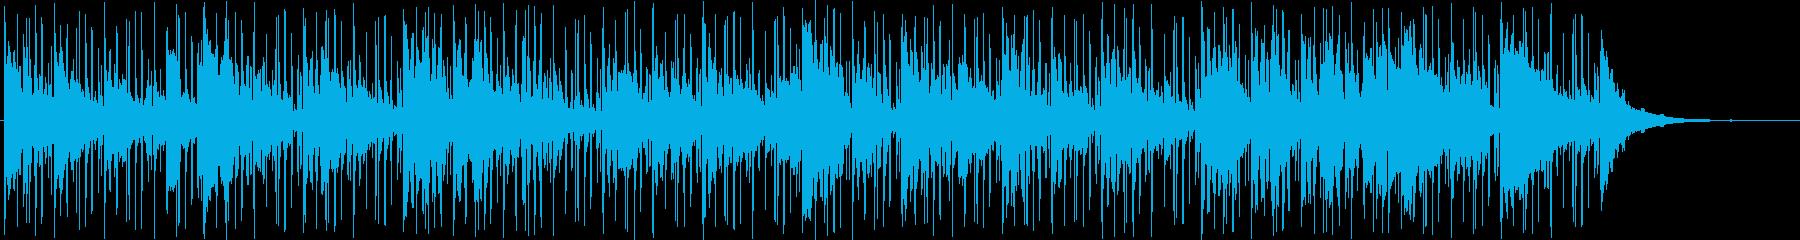 ムーディーでブルージーなインストゥ...の再生済みの波形